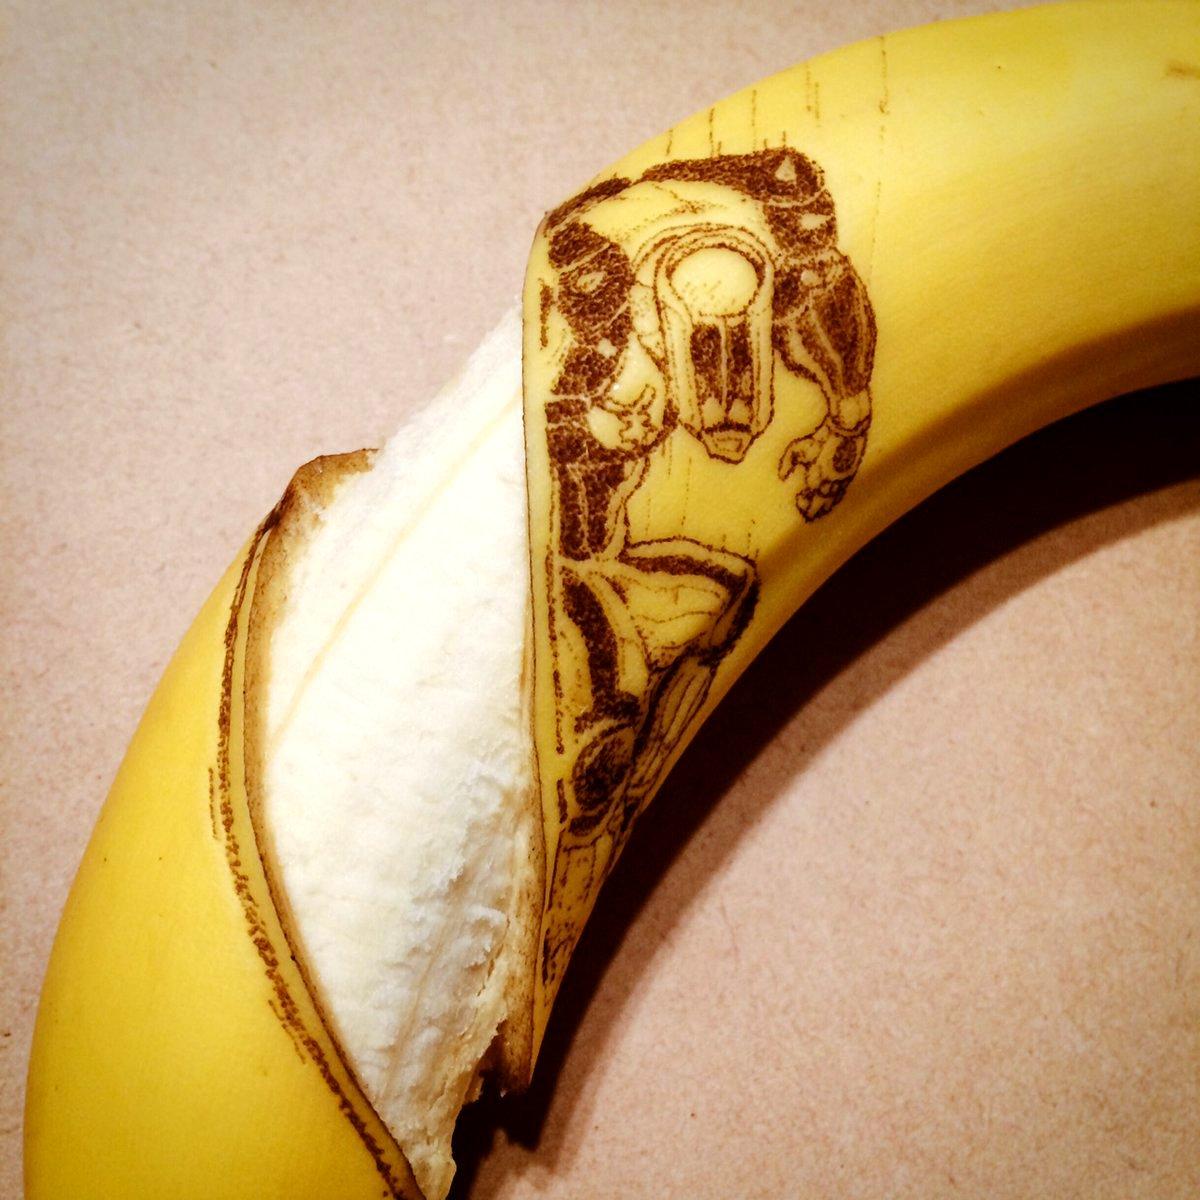 あらためてここ3ヶ月で彫ったジョジョバナナ。 ザ・ハンドに削り取られるバナナと、 ヘブンズドアーで読まれる康一くんバナナ。 ありがとうございました。 #jojo_anime https://t.co/b5fHJAGQWB